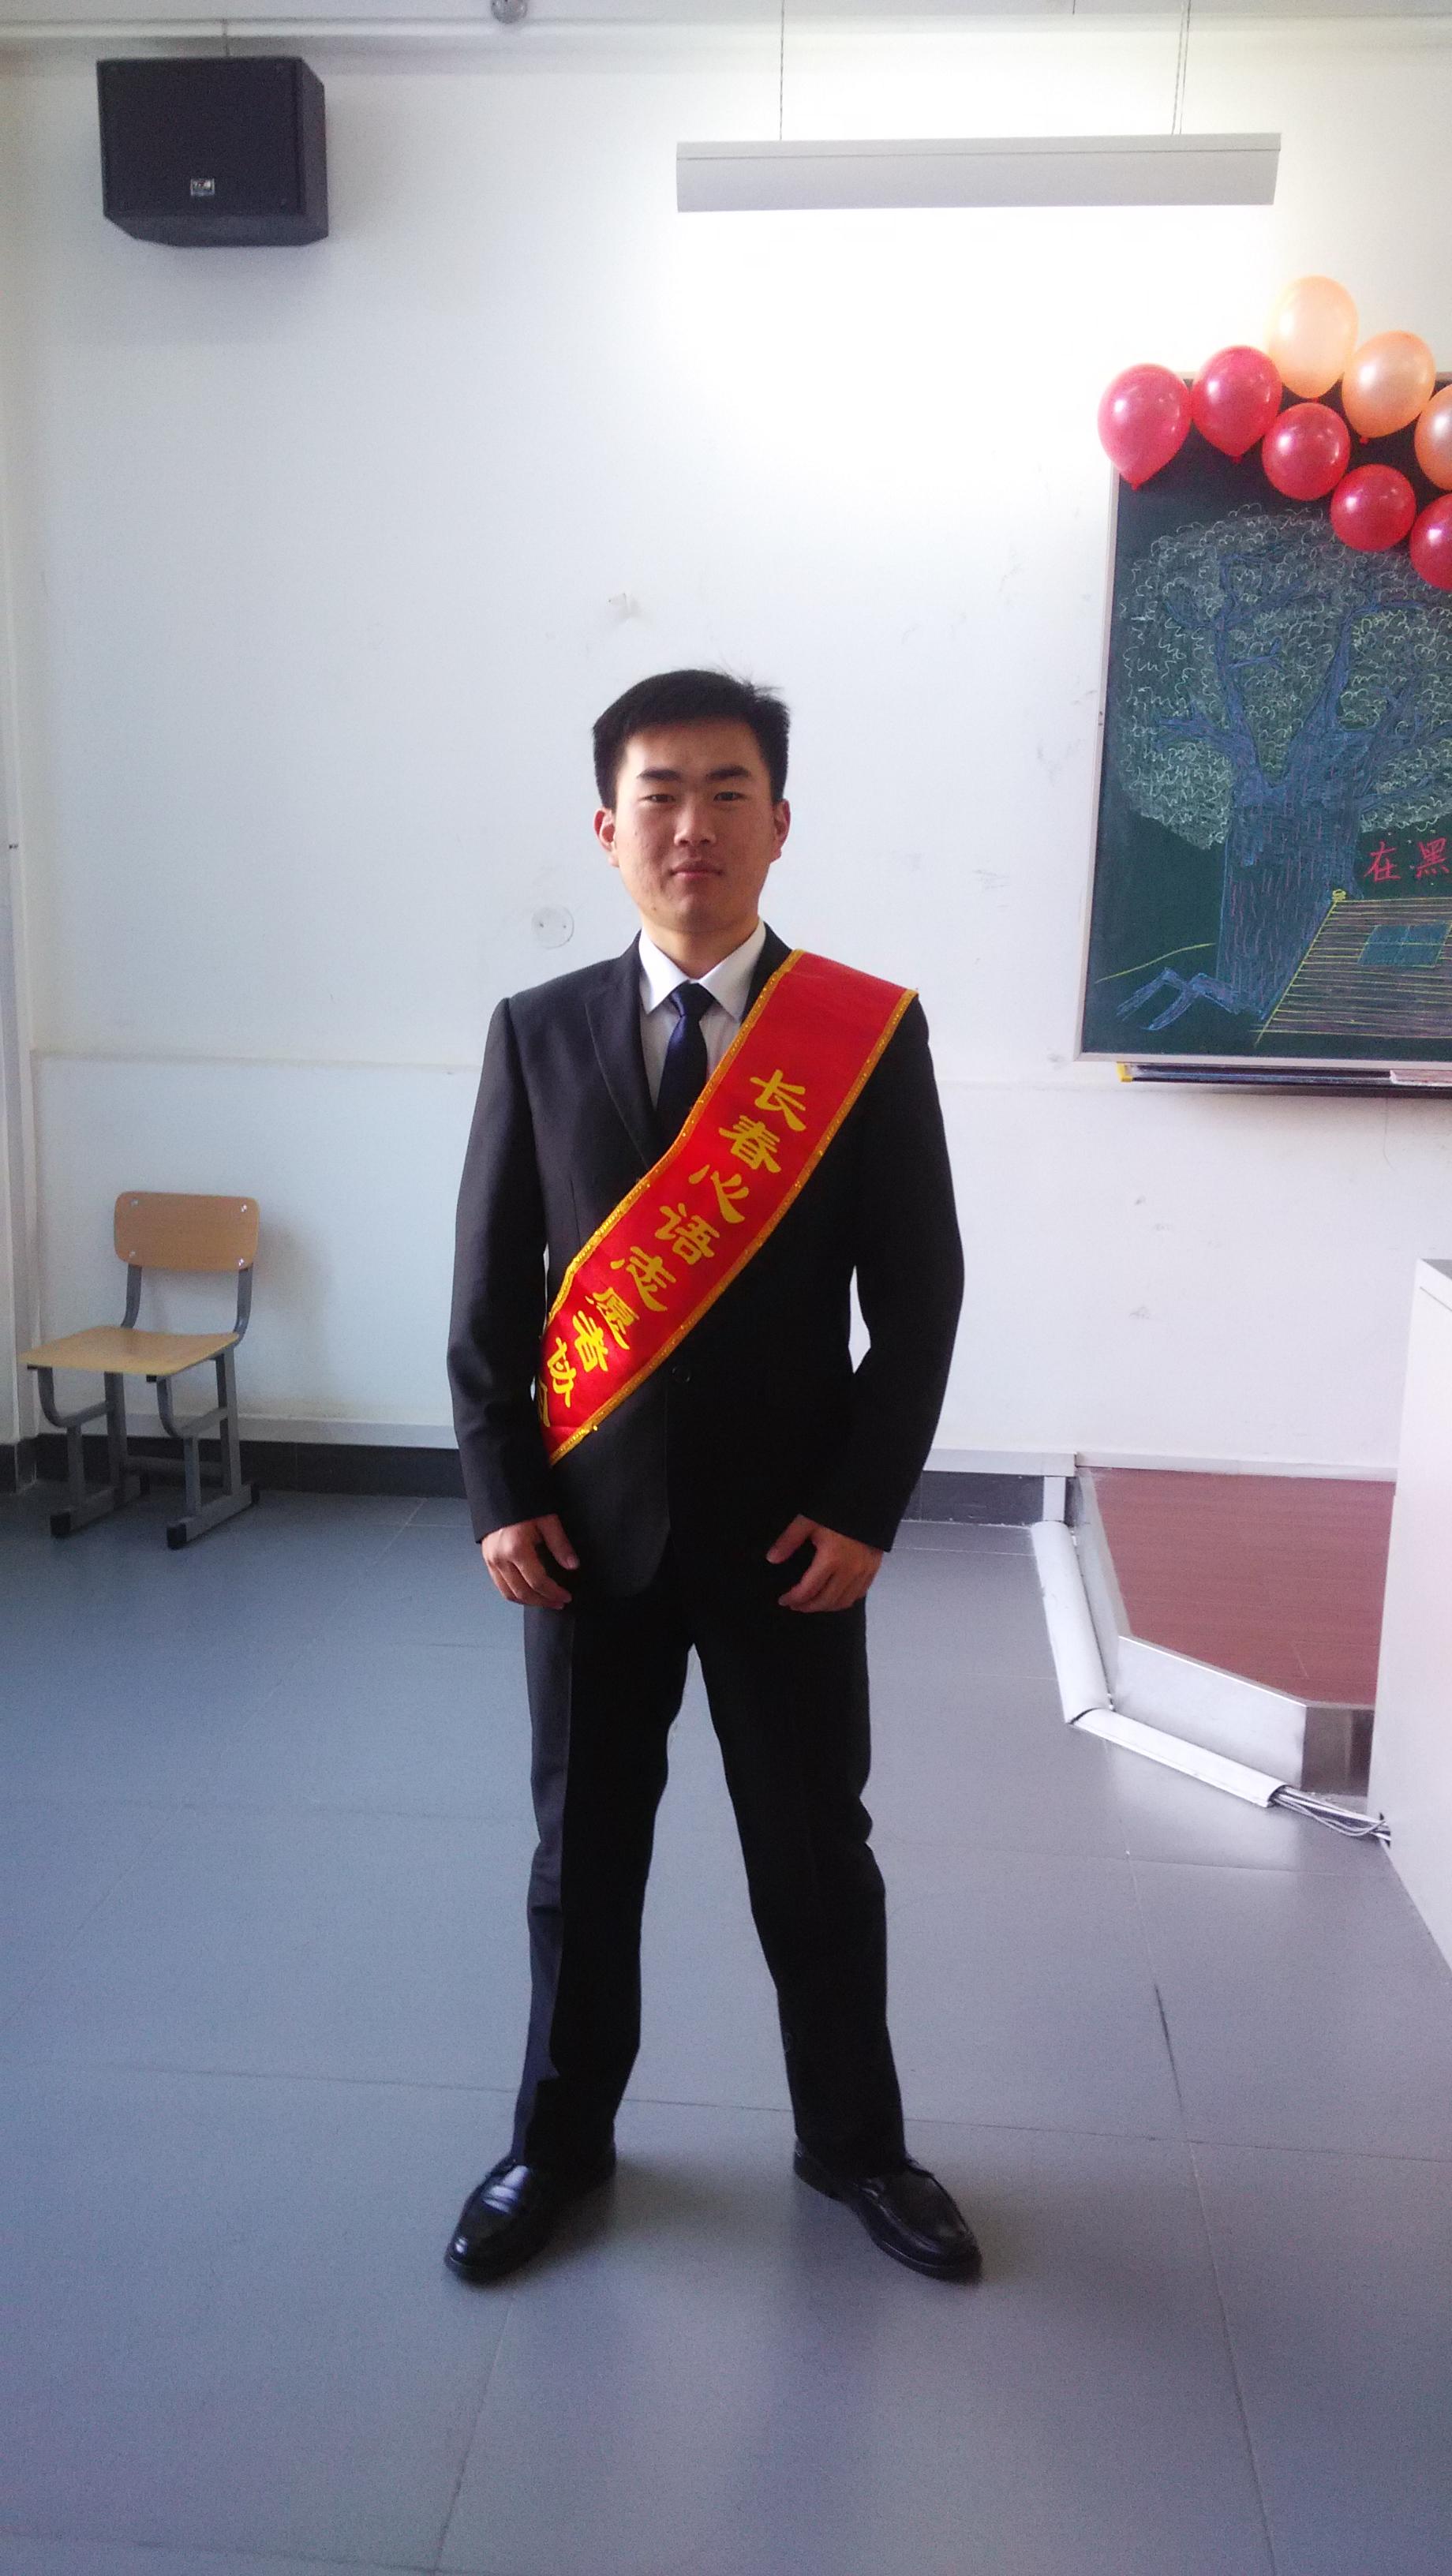 【优秀评比】吉林建筑大学心语志愿者协会 优秀志愿者-庄伟卓